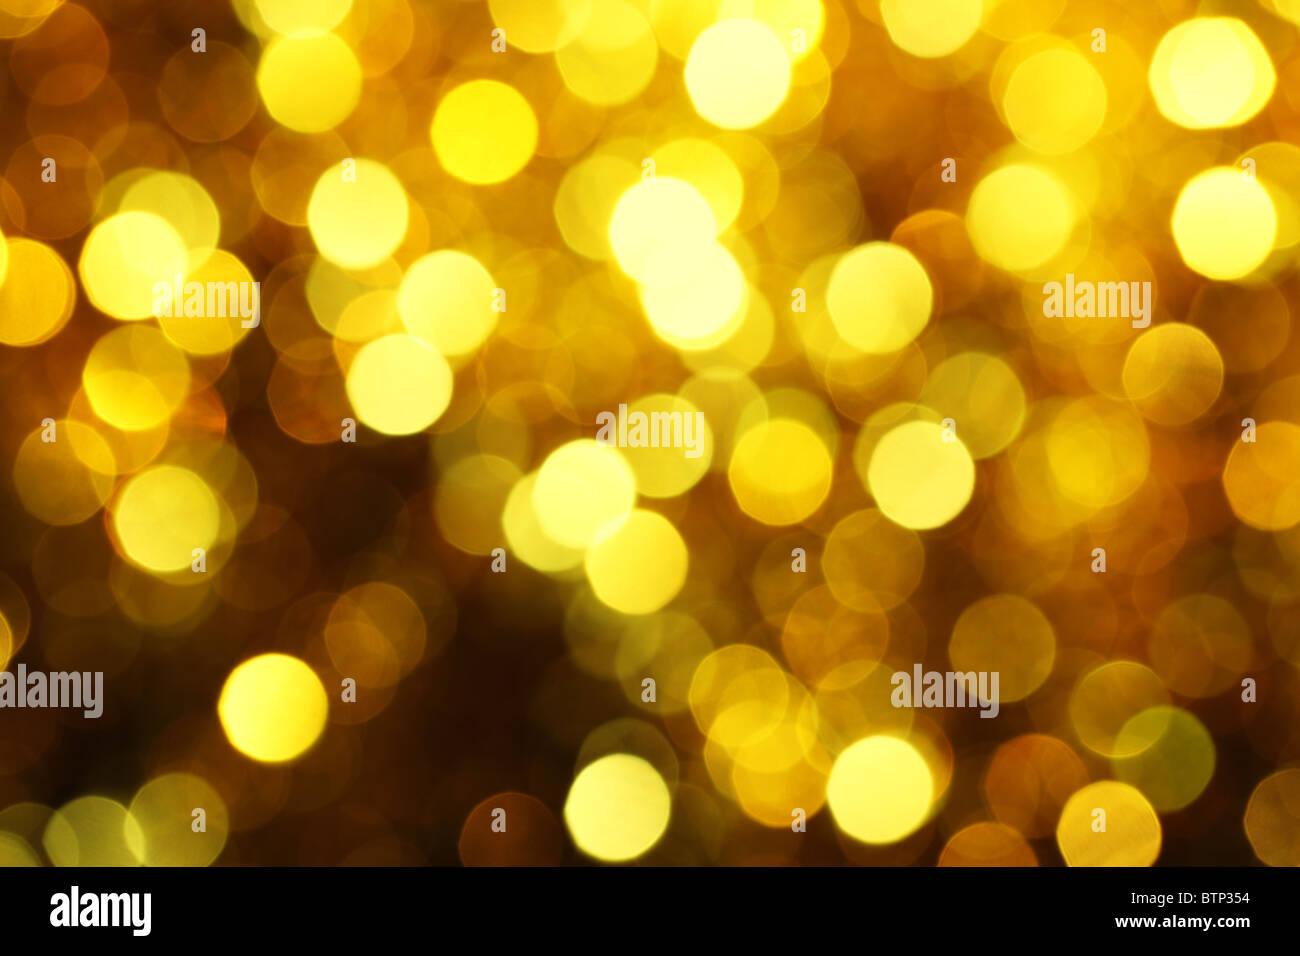 Abstract le luci di Natale come sfondo Immagini Stock